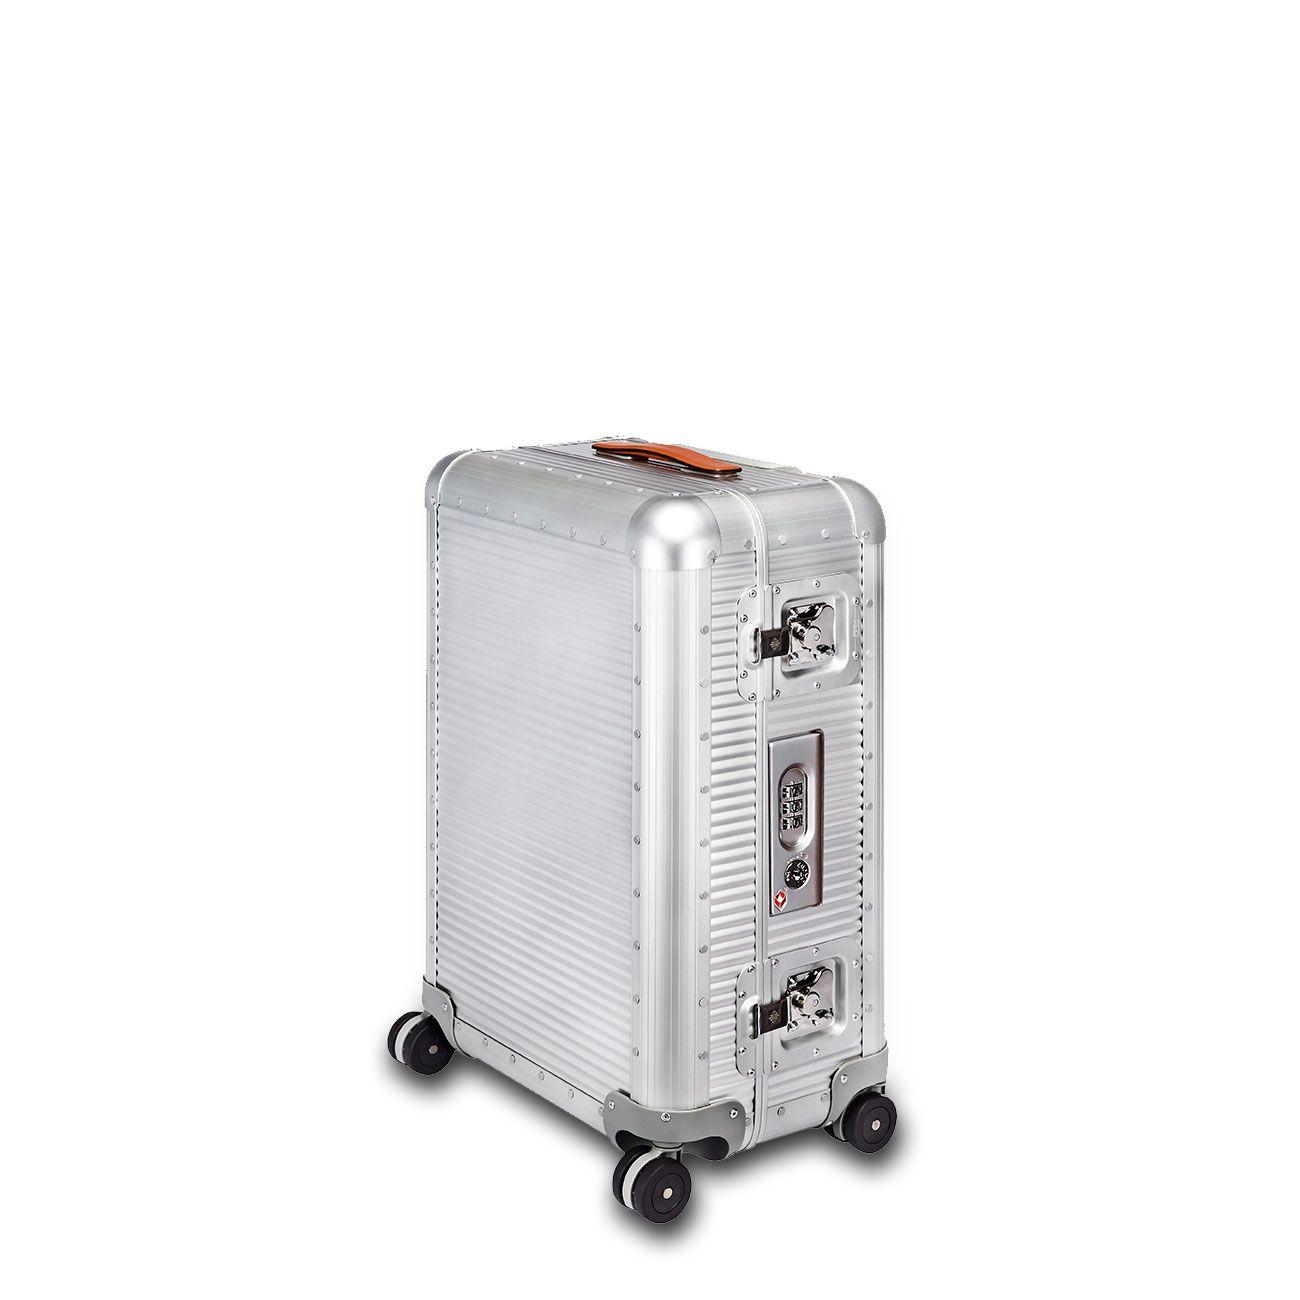 Shop FPM - dettaglio-prodotto spinner-55